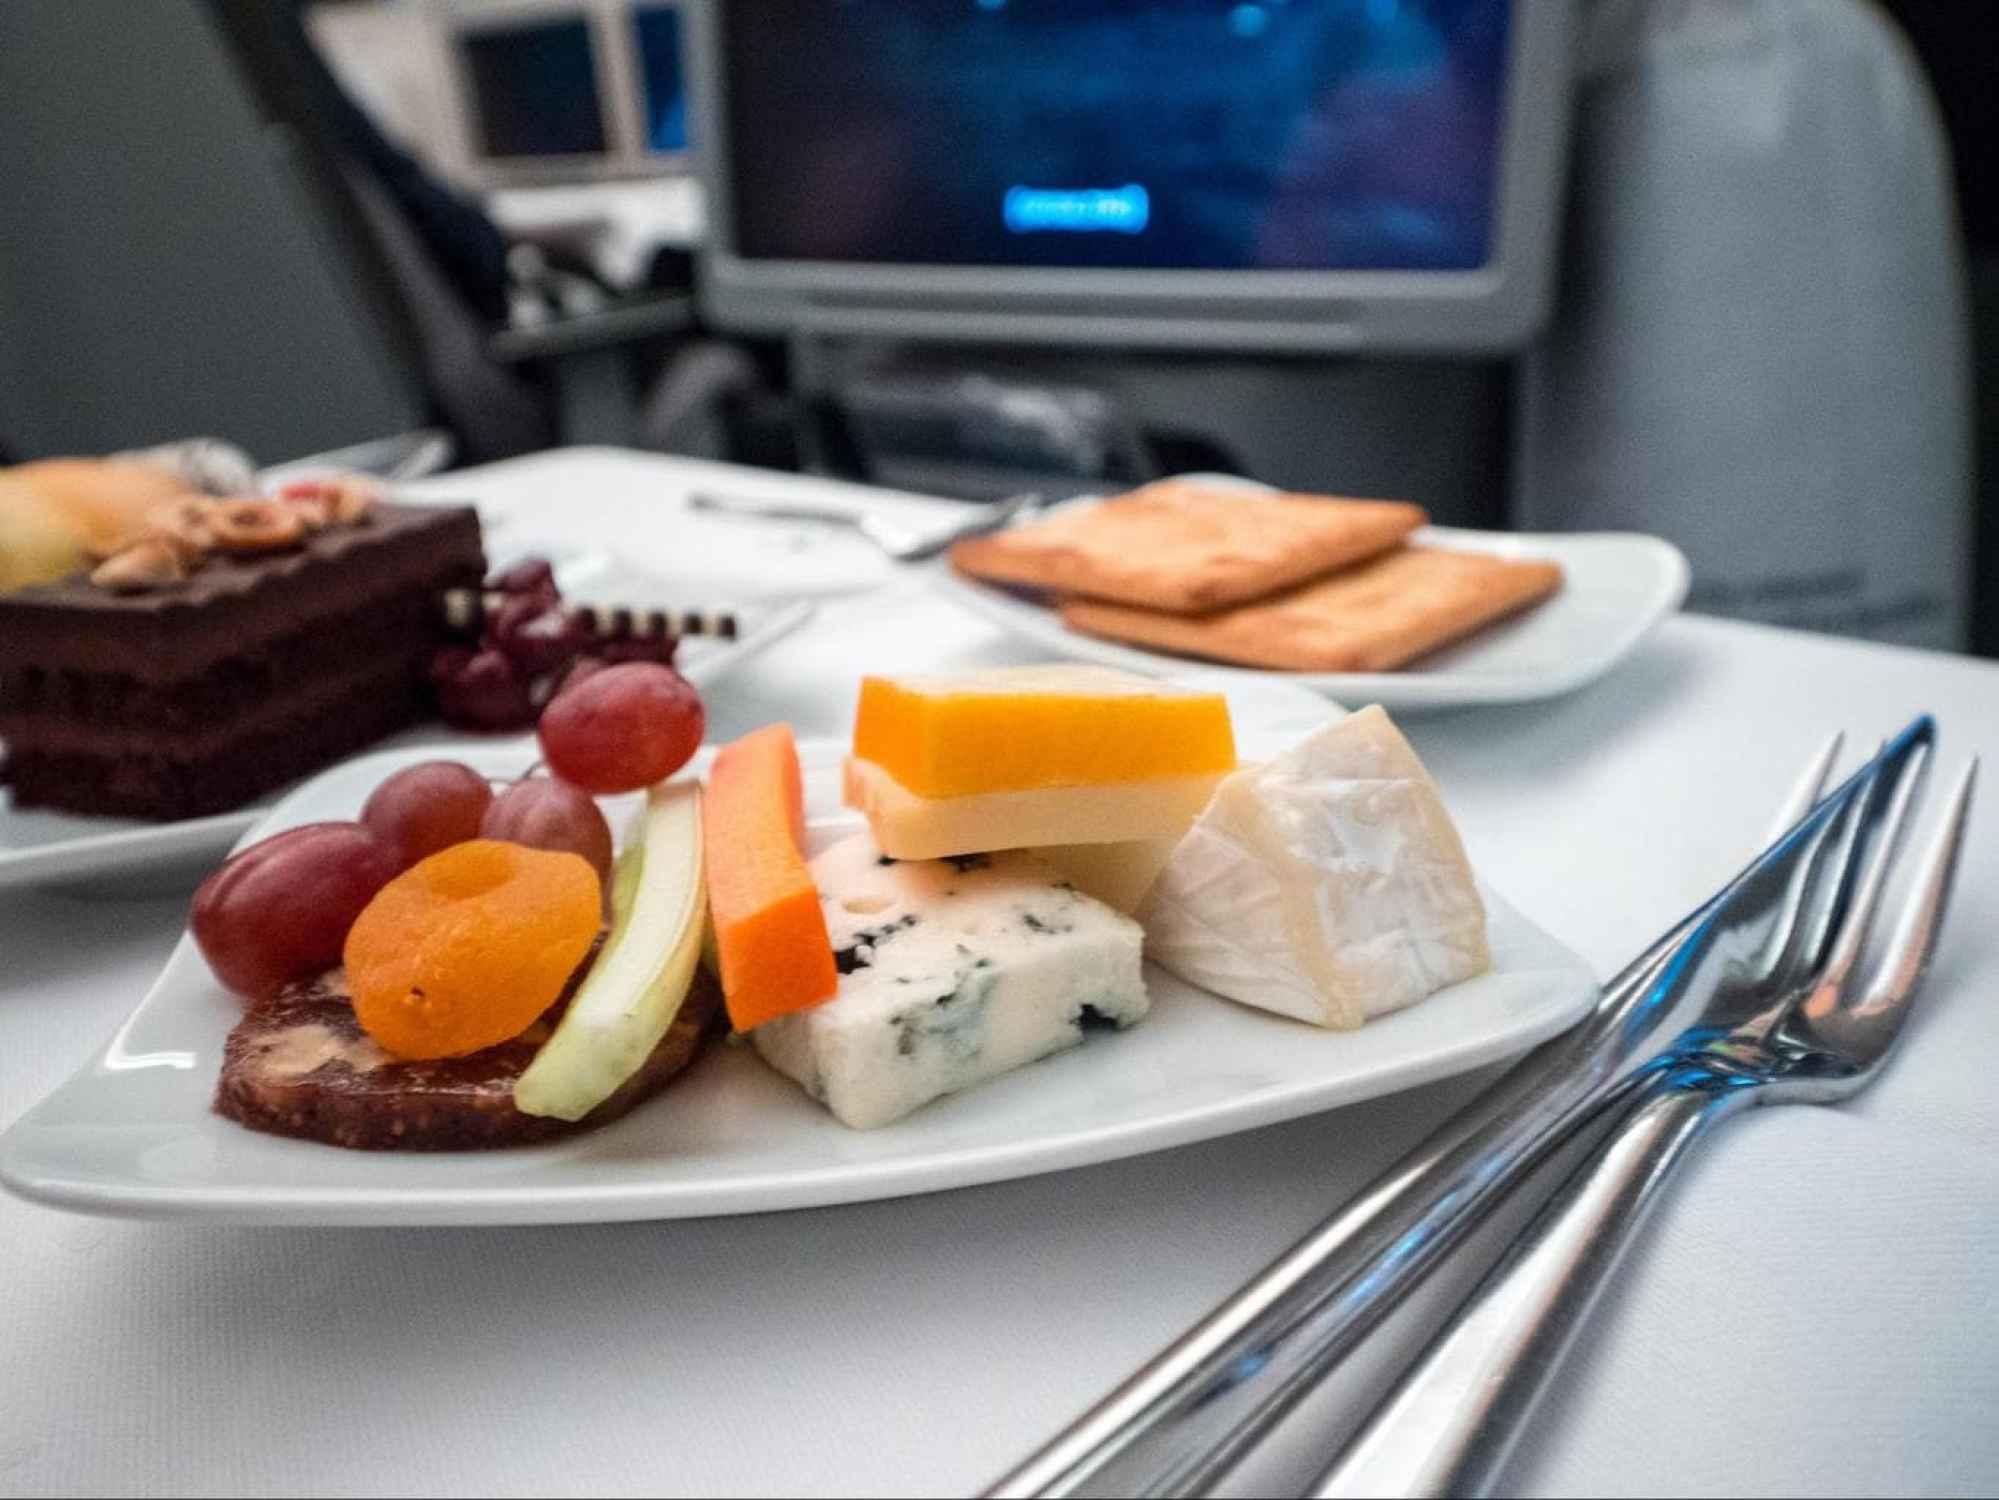 Lufthansa Business Class food - Cheese platter